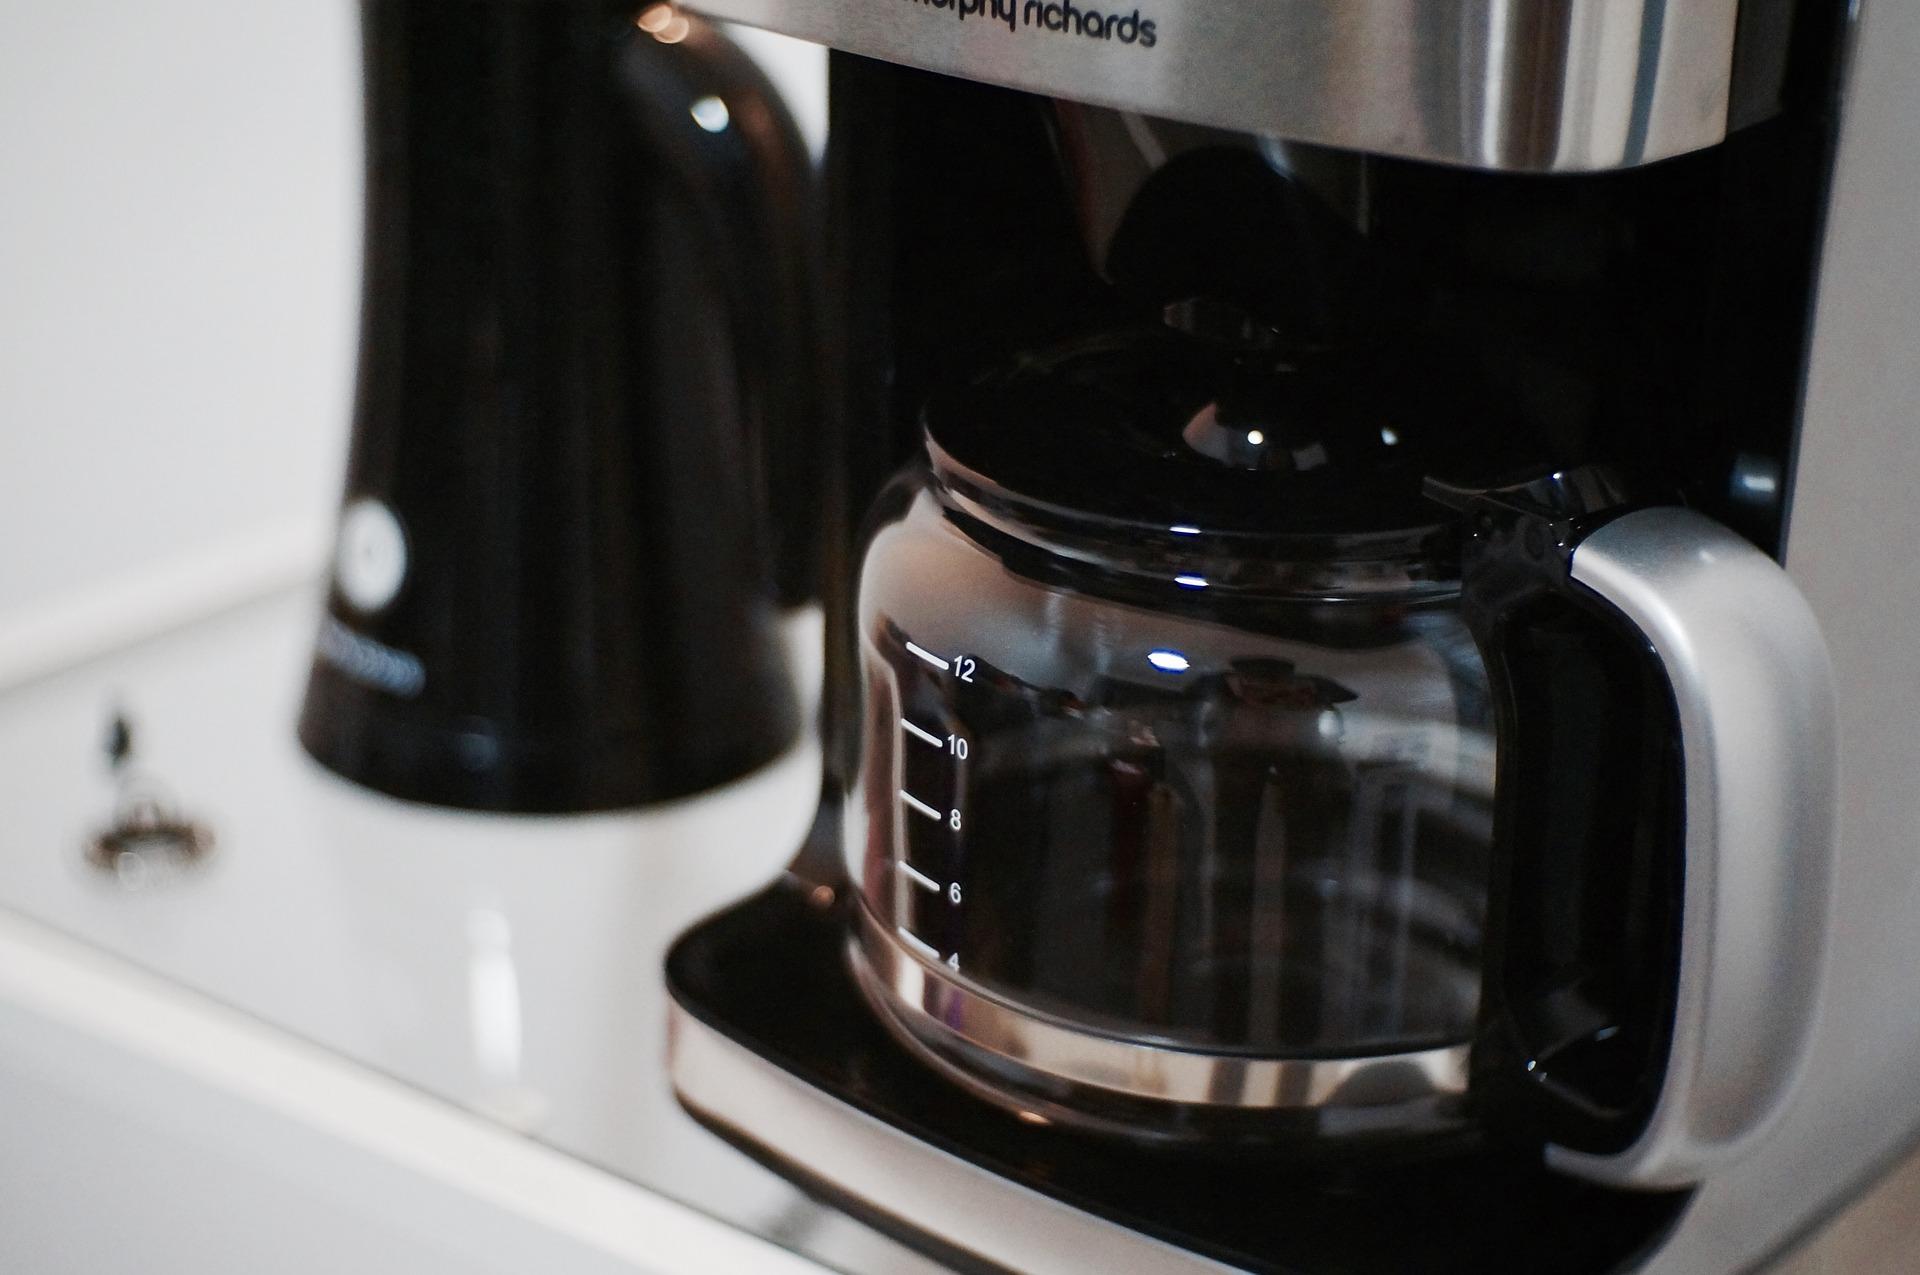 Filterkaffeemaschine, daneben steht eine schwarze Kaffeekanne